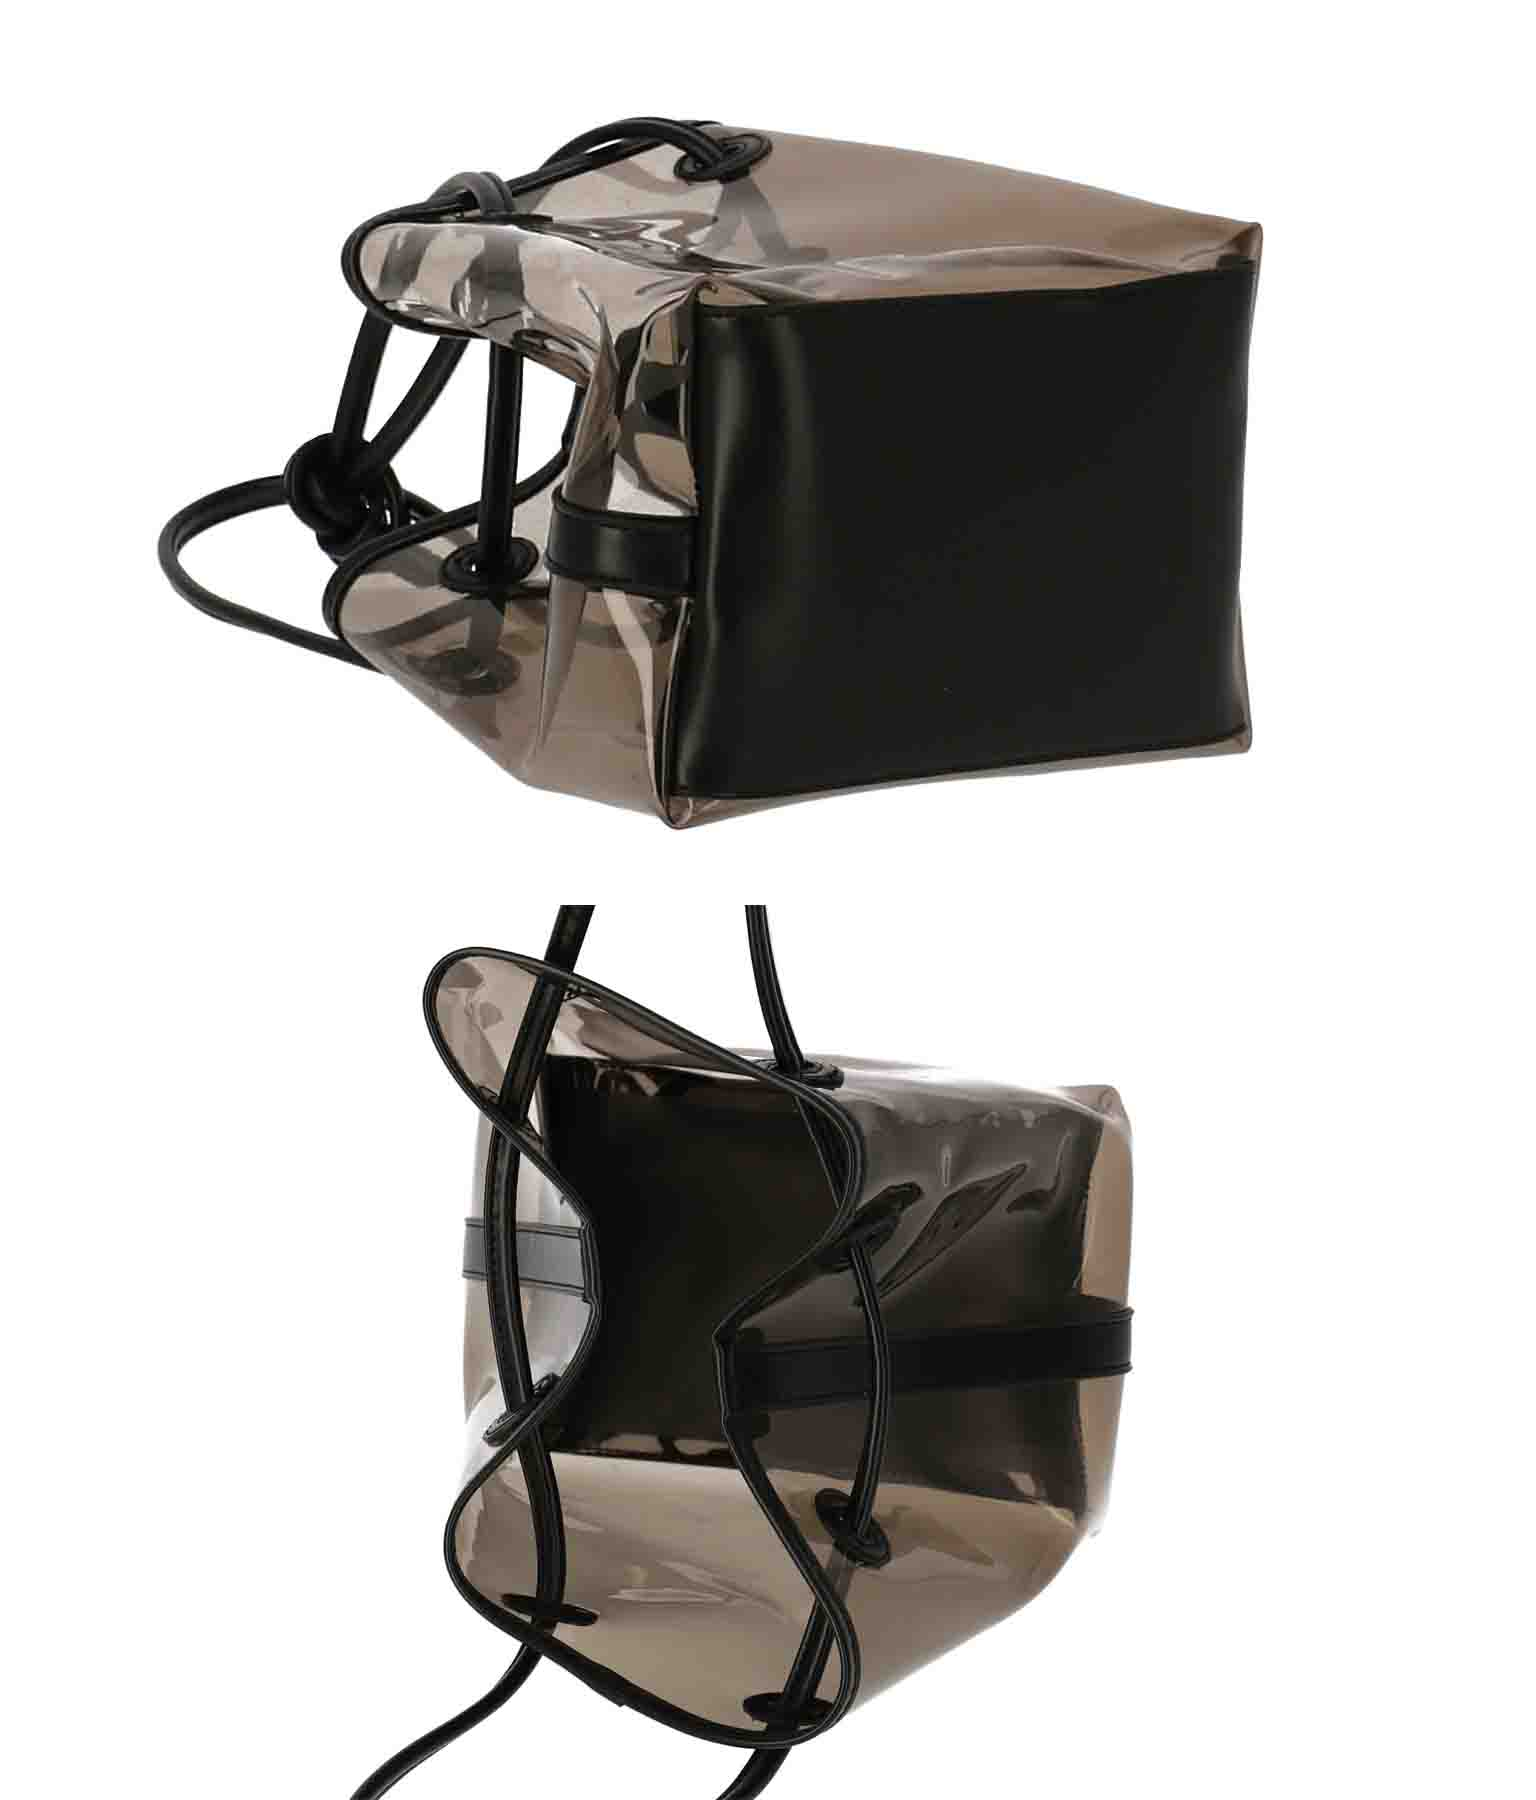 パイピングキンチャククリアバッグ(バッグ・鞄・小物/トートバッグ) | Settimissimo